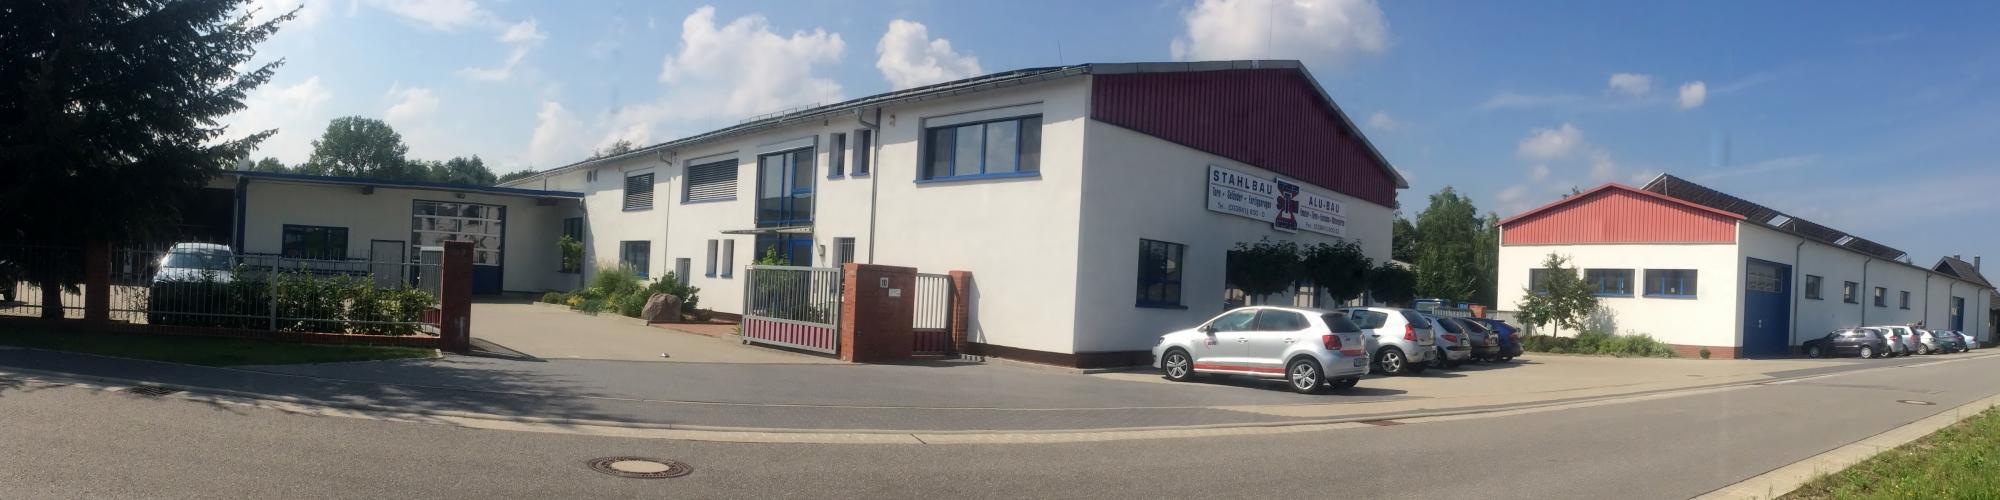 Metallbau Stoof GmbH